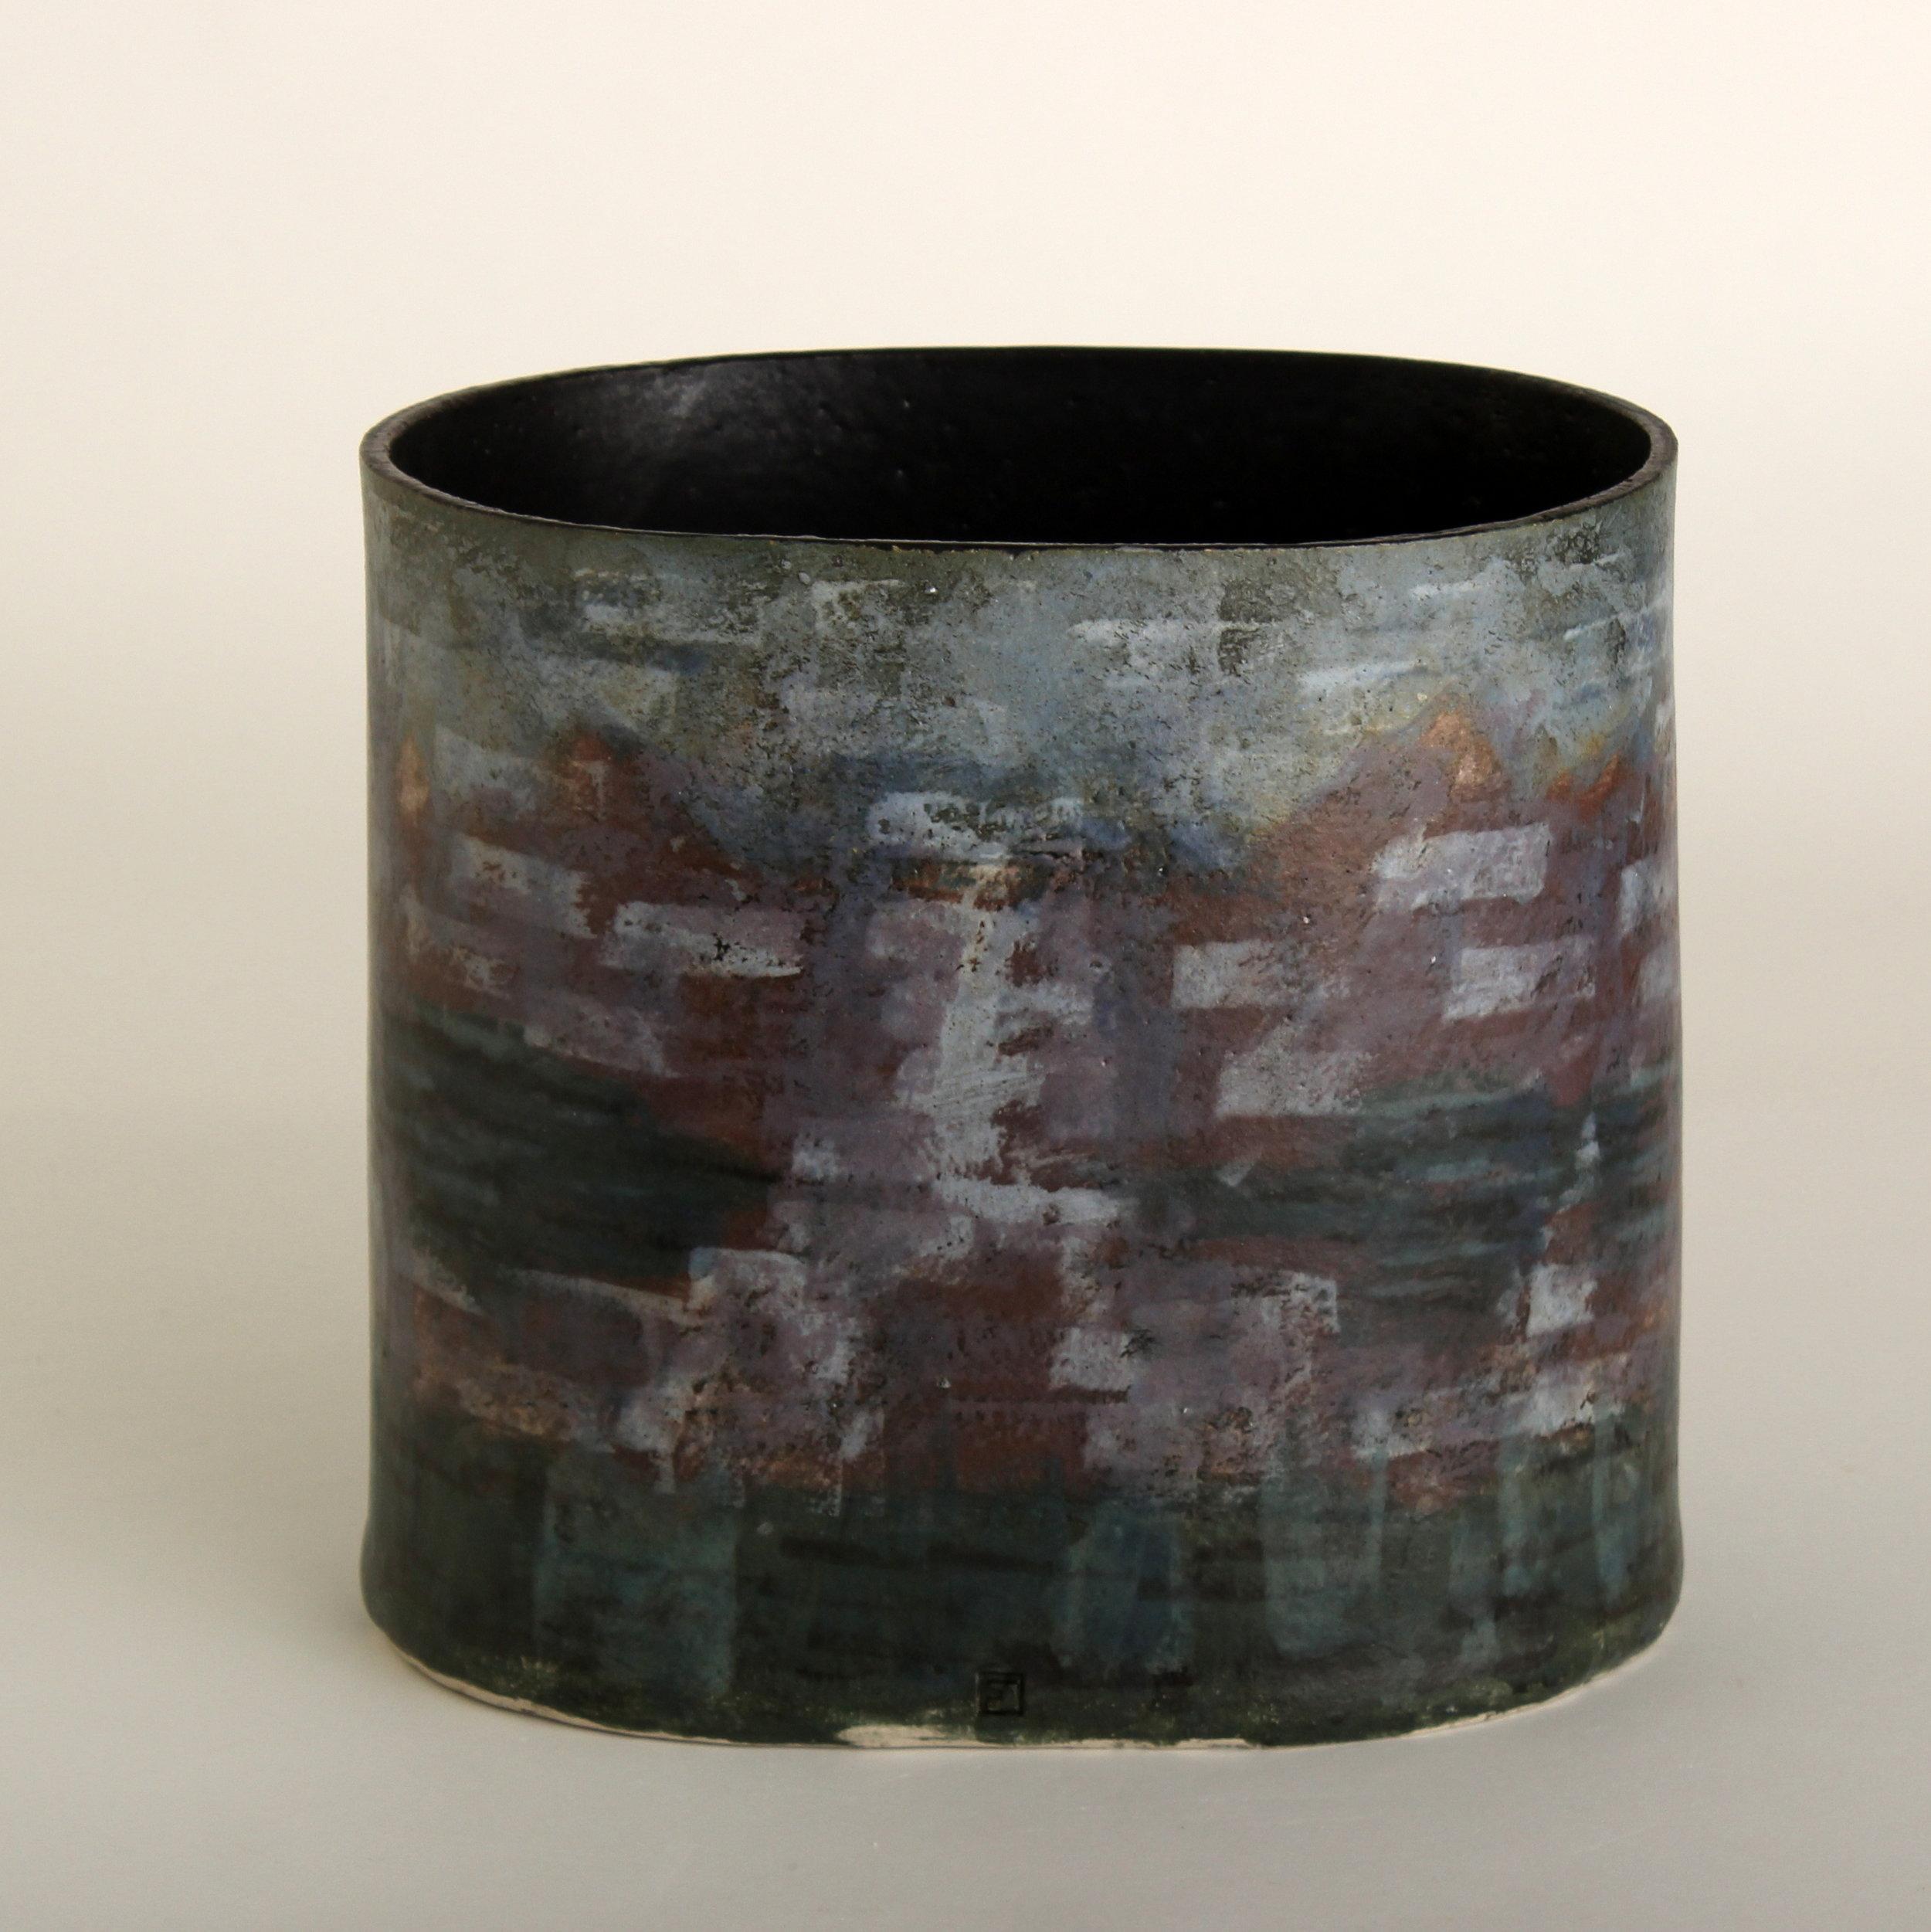 Oval vessel, larger